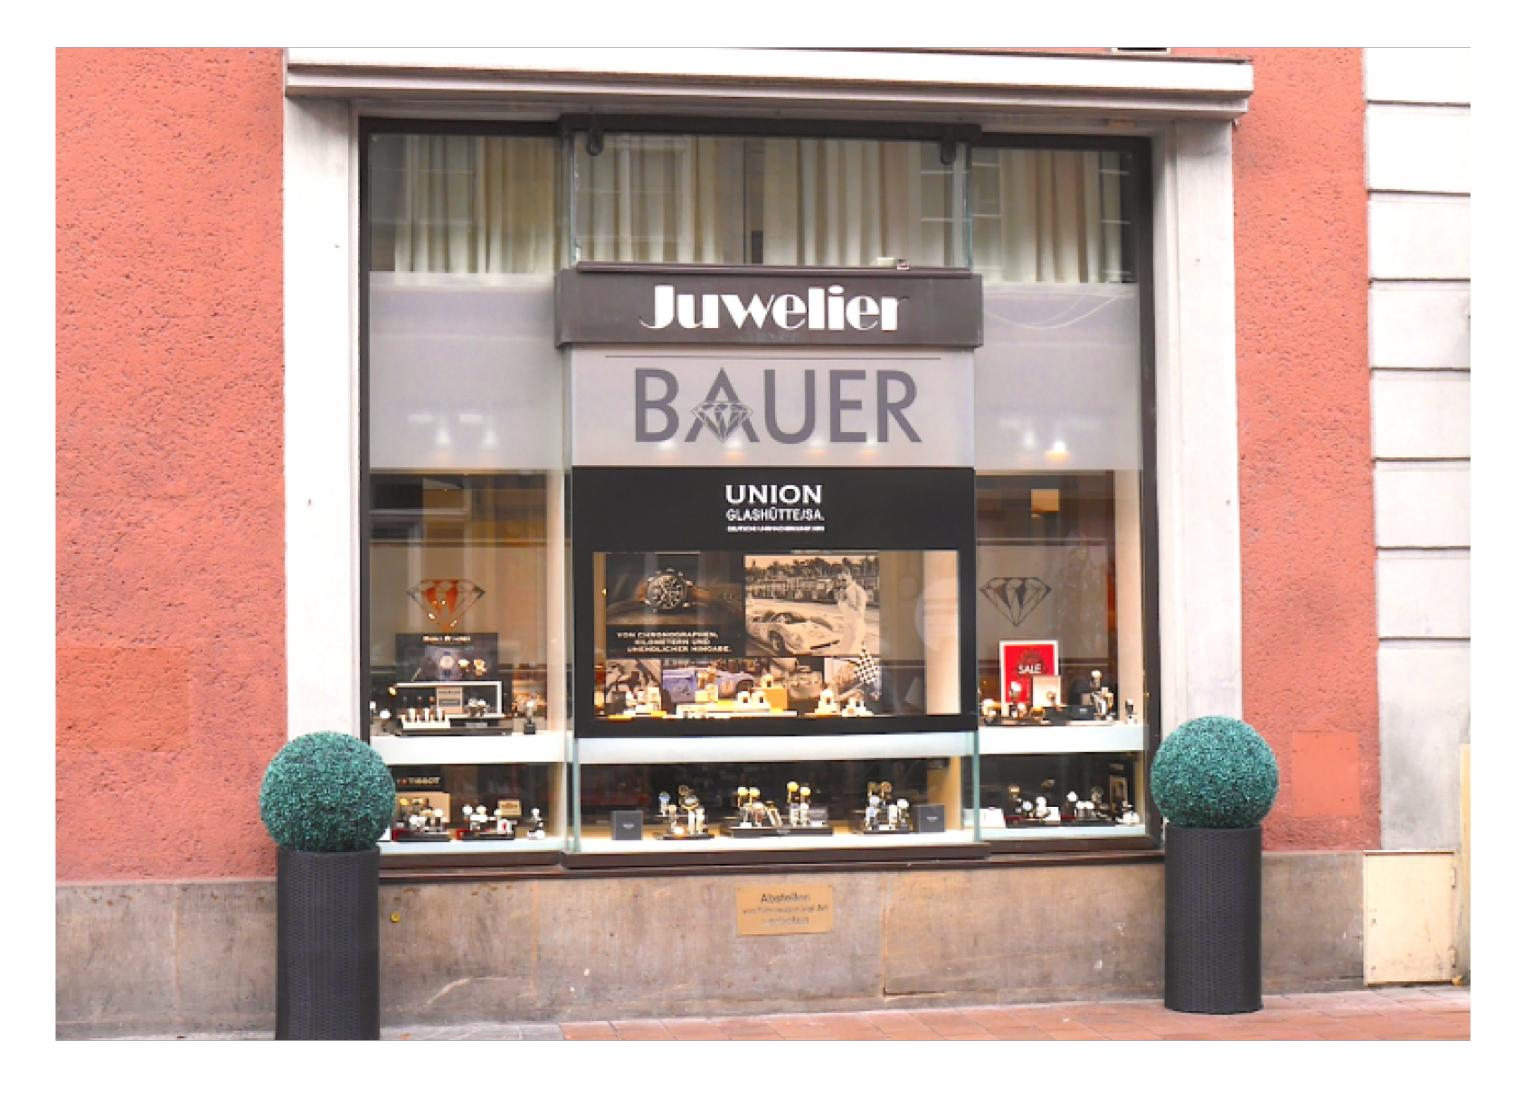 Juwelier Bauer in Bamberg von vorne fotografiert mit roter Hauswand